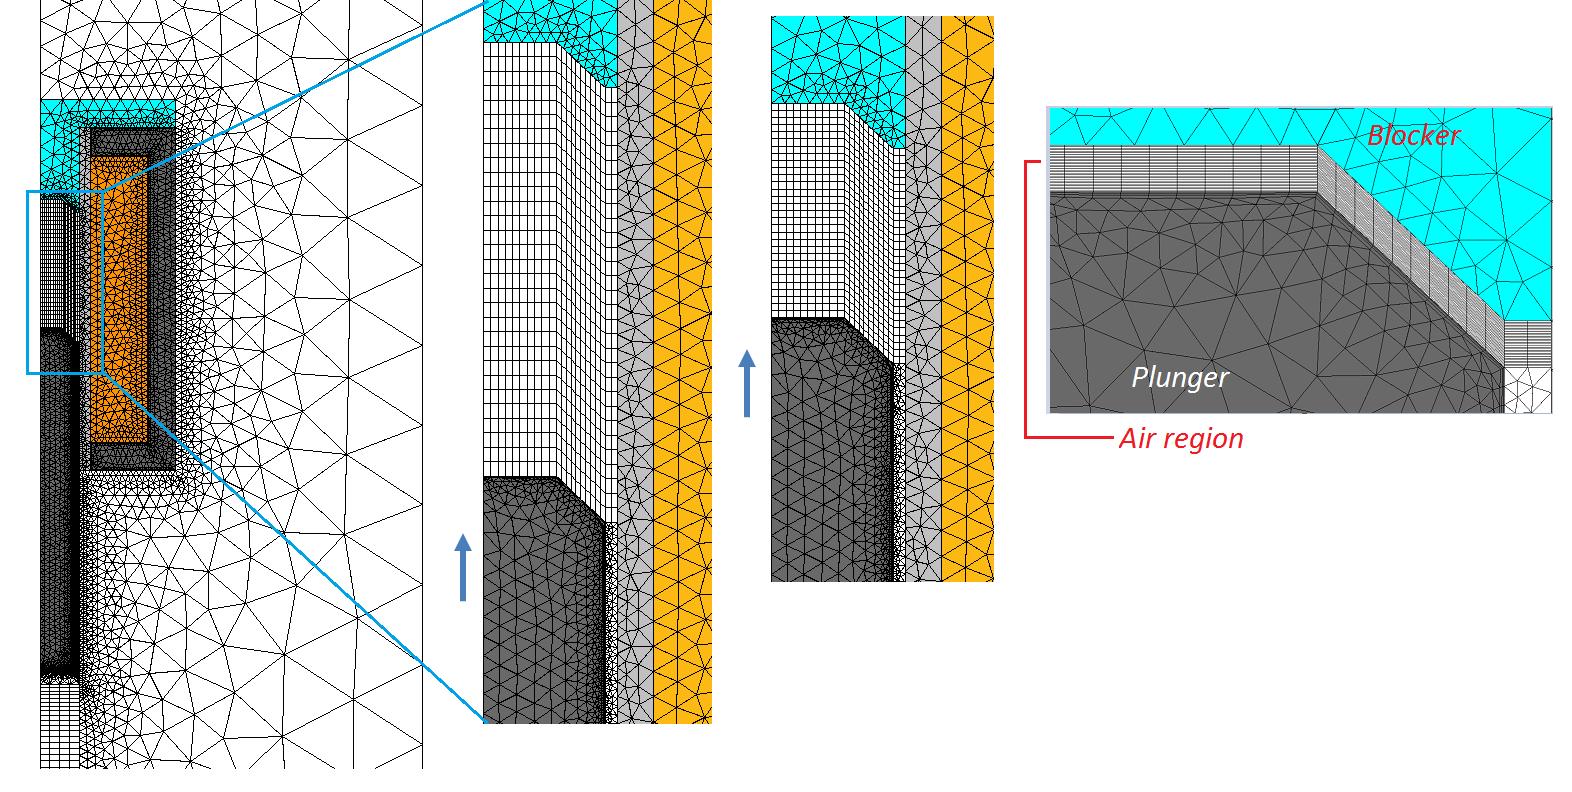 一系列图像展示了电磁柱塞模型的网格。